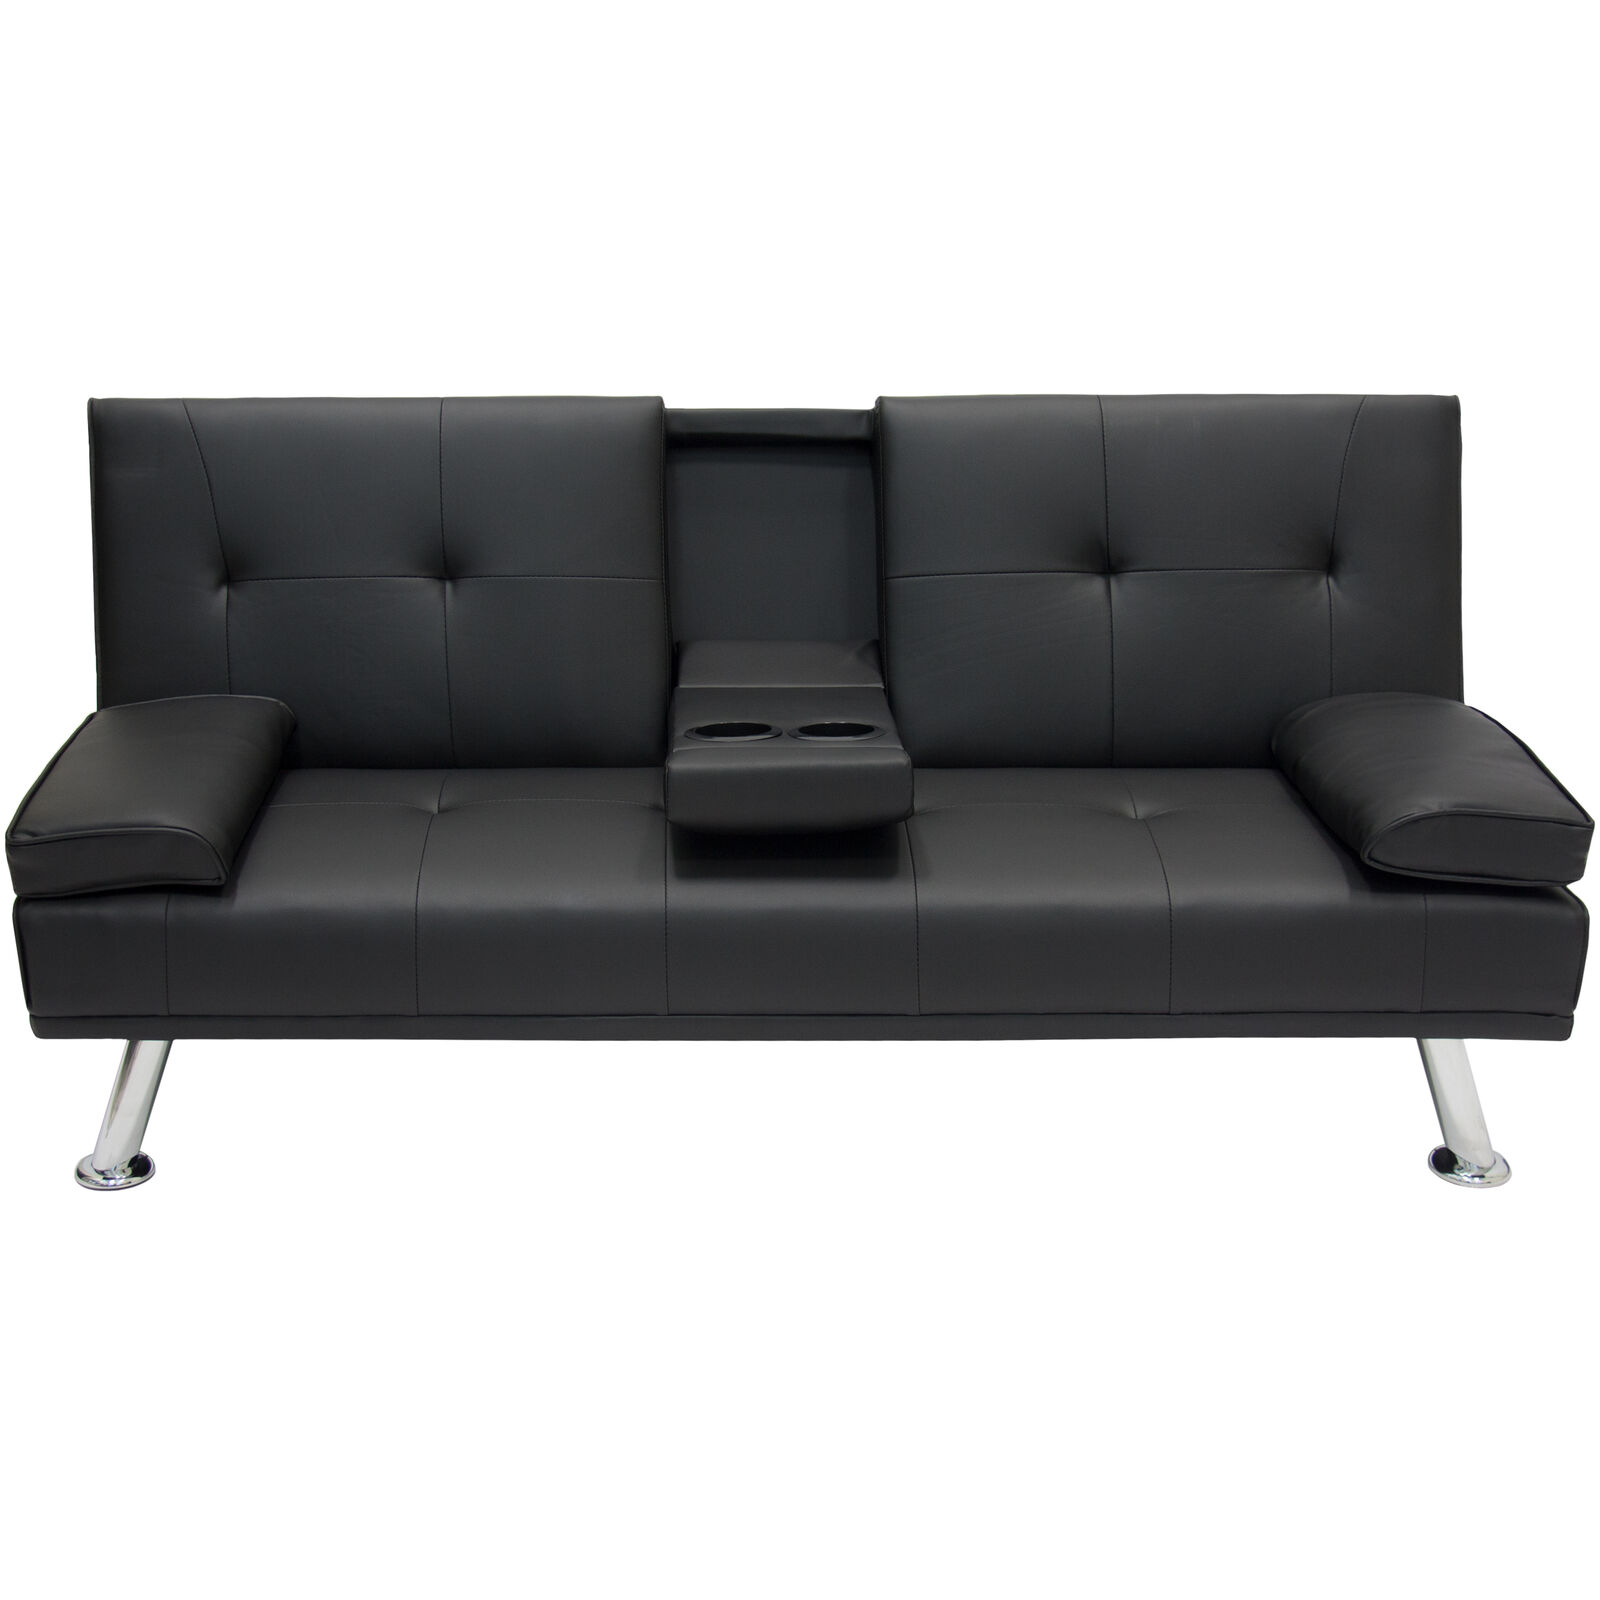 kodiak review pdx aspen futons mattress and furniture wayfair reviews futon